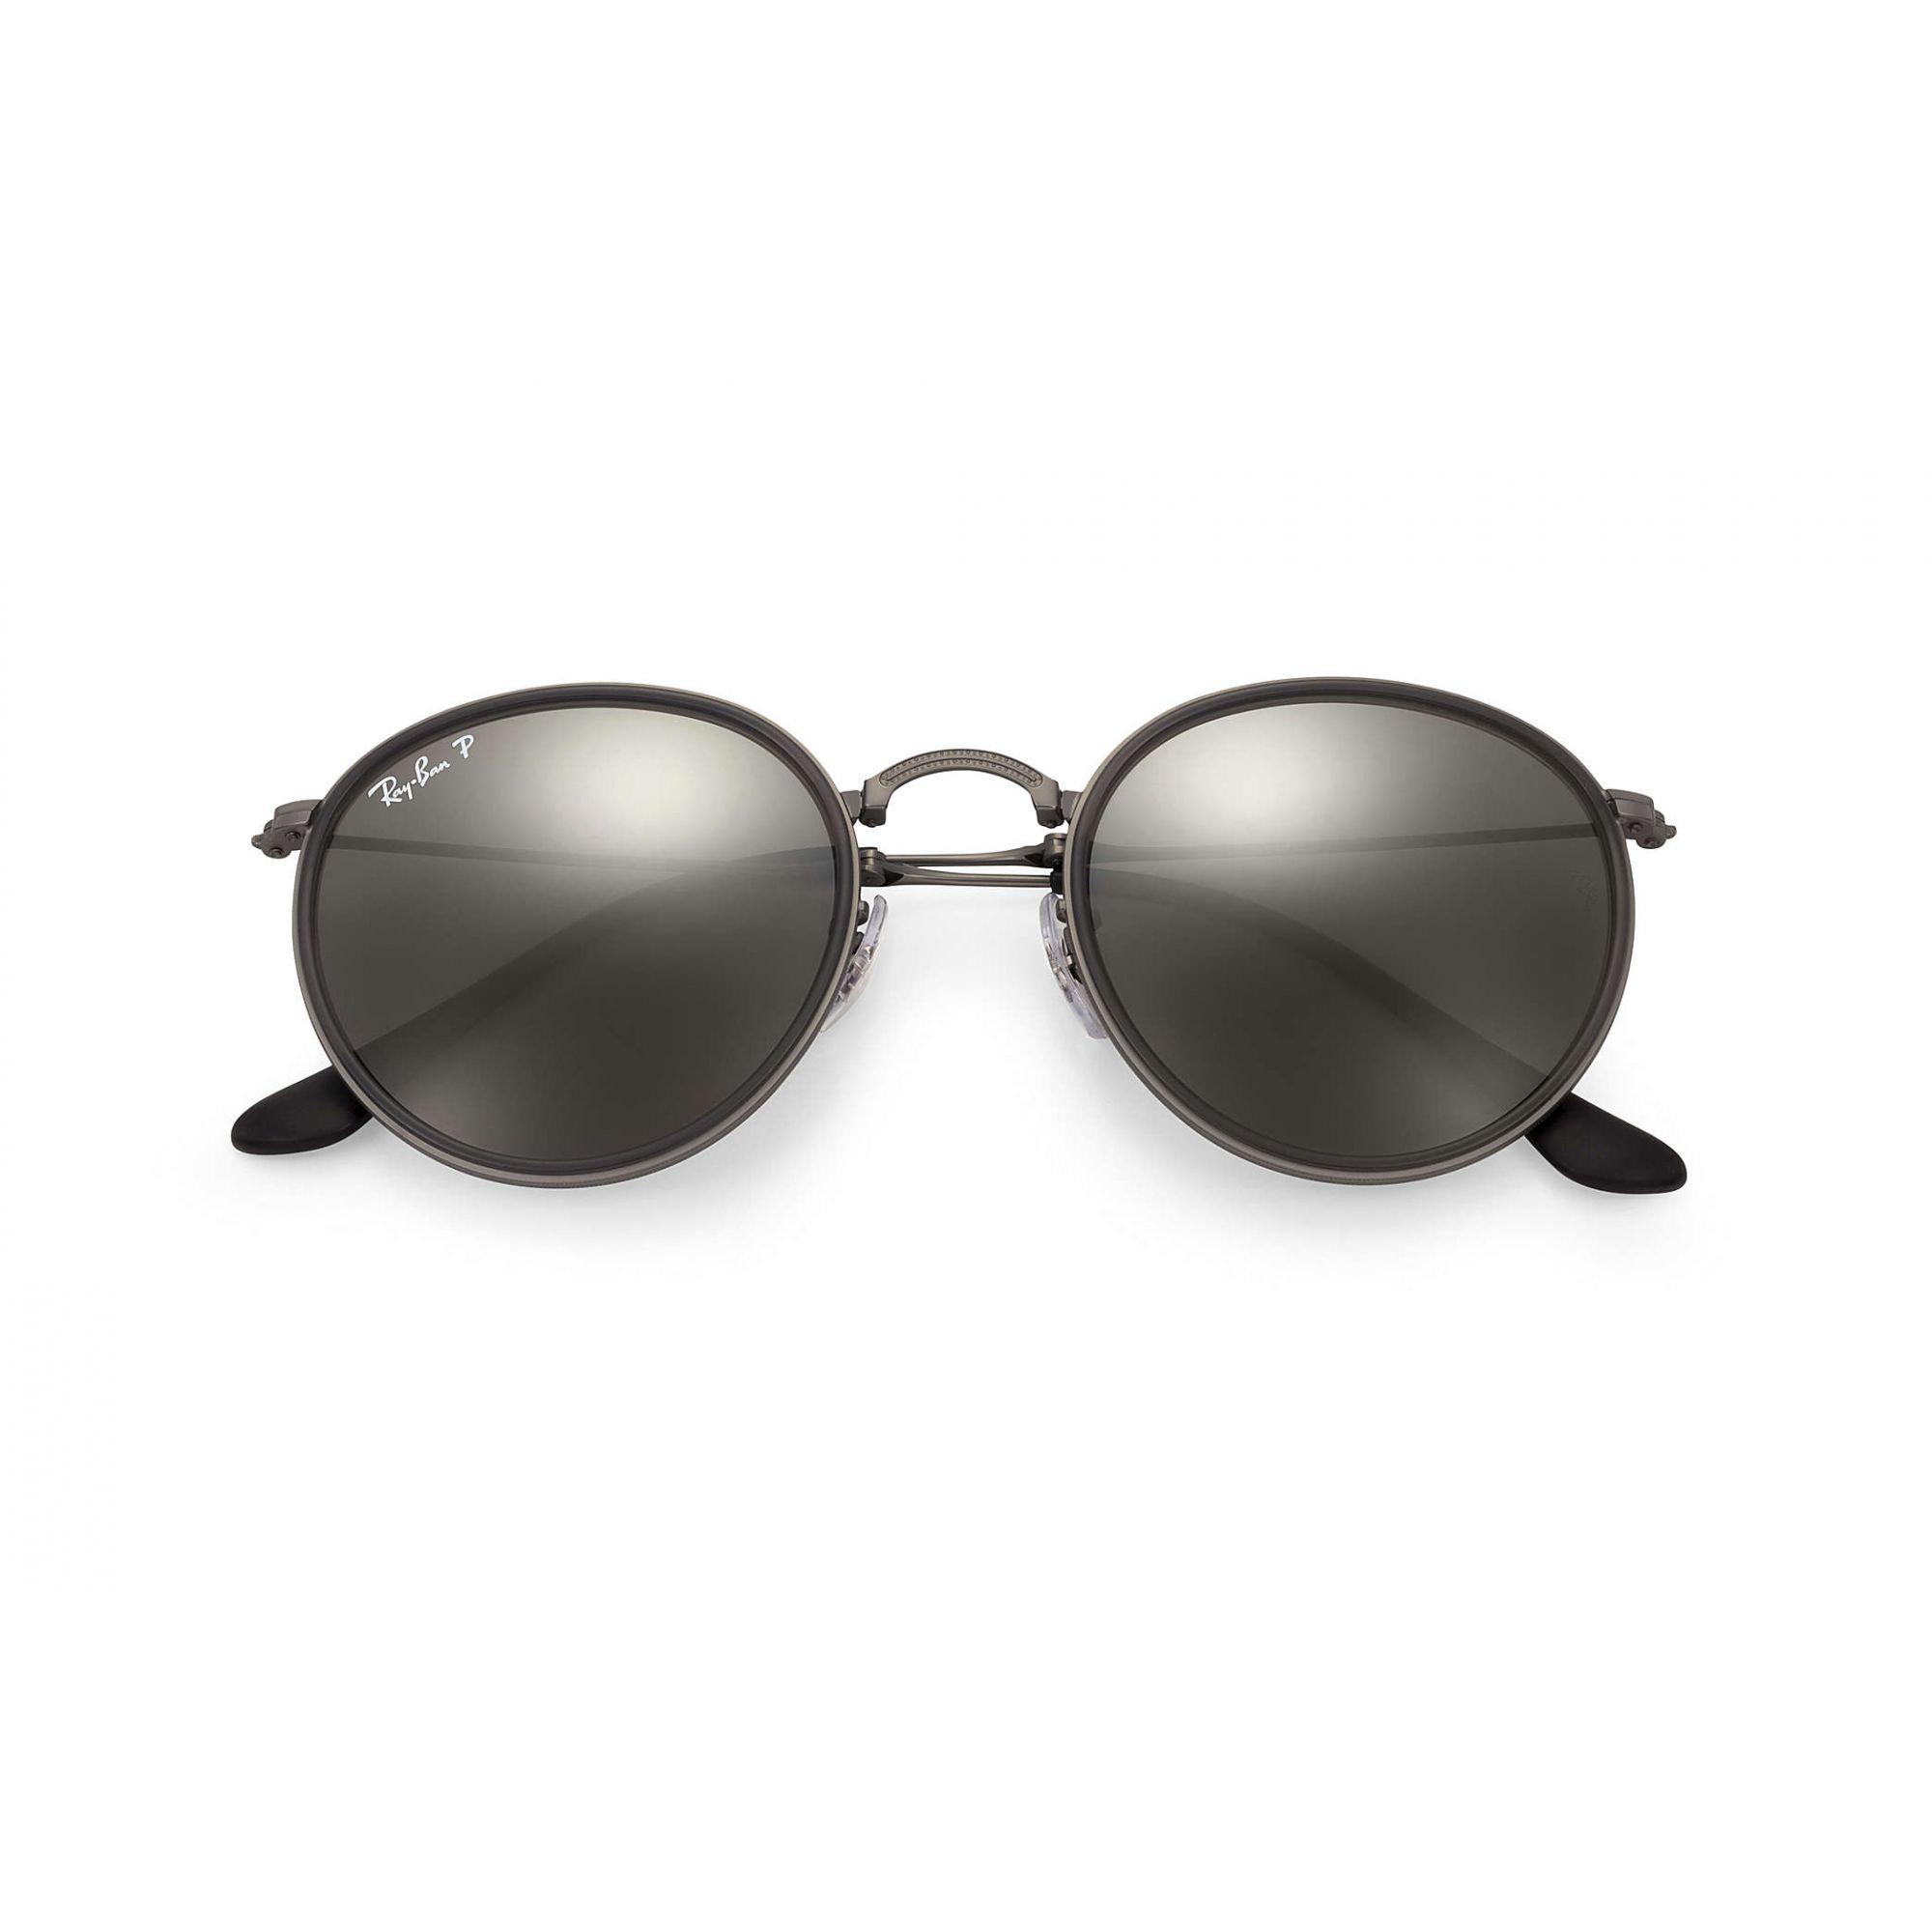 Ray Ban - RB3517 029N8 - Óculos de sol